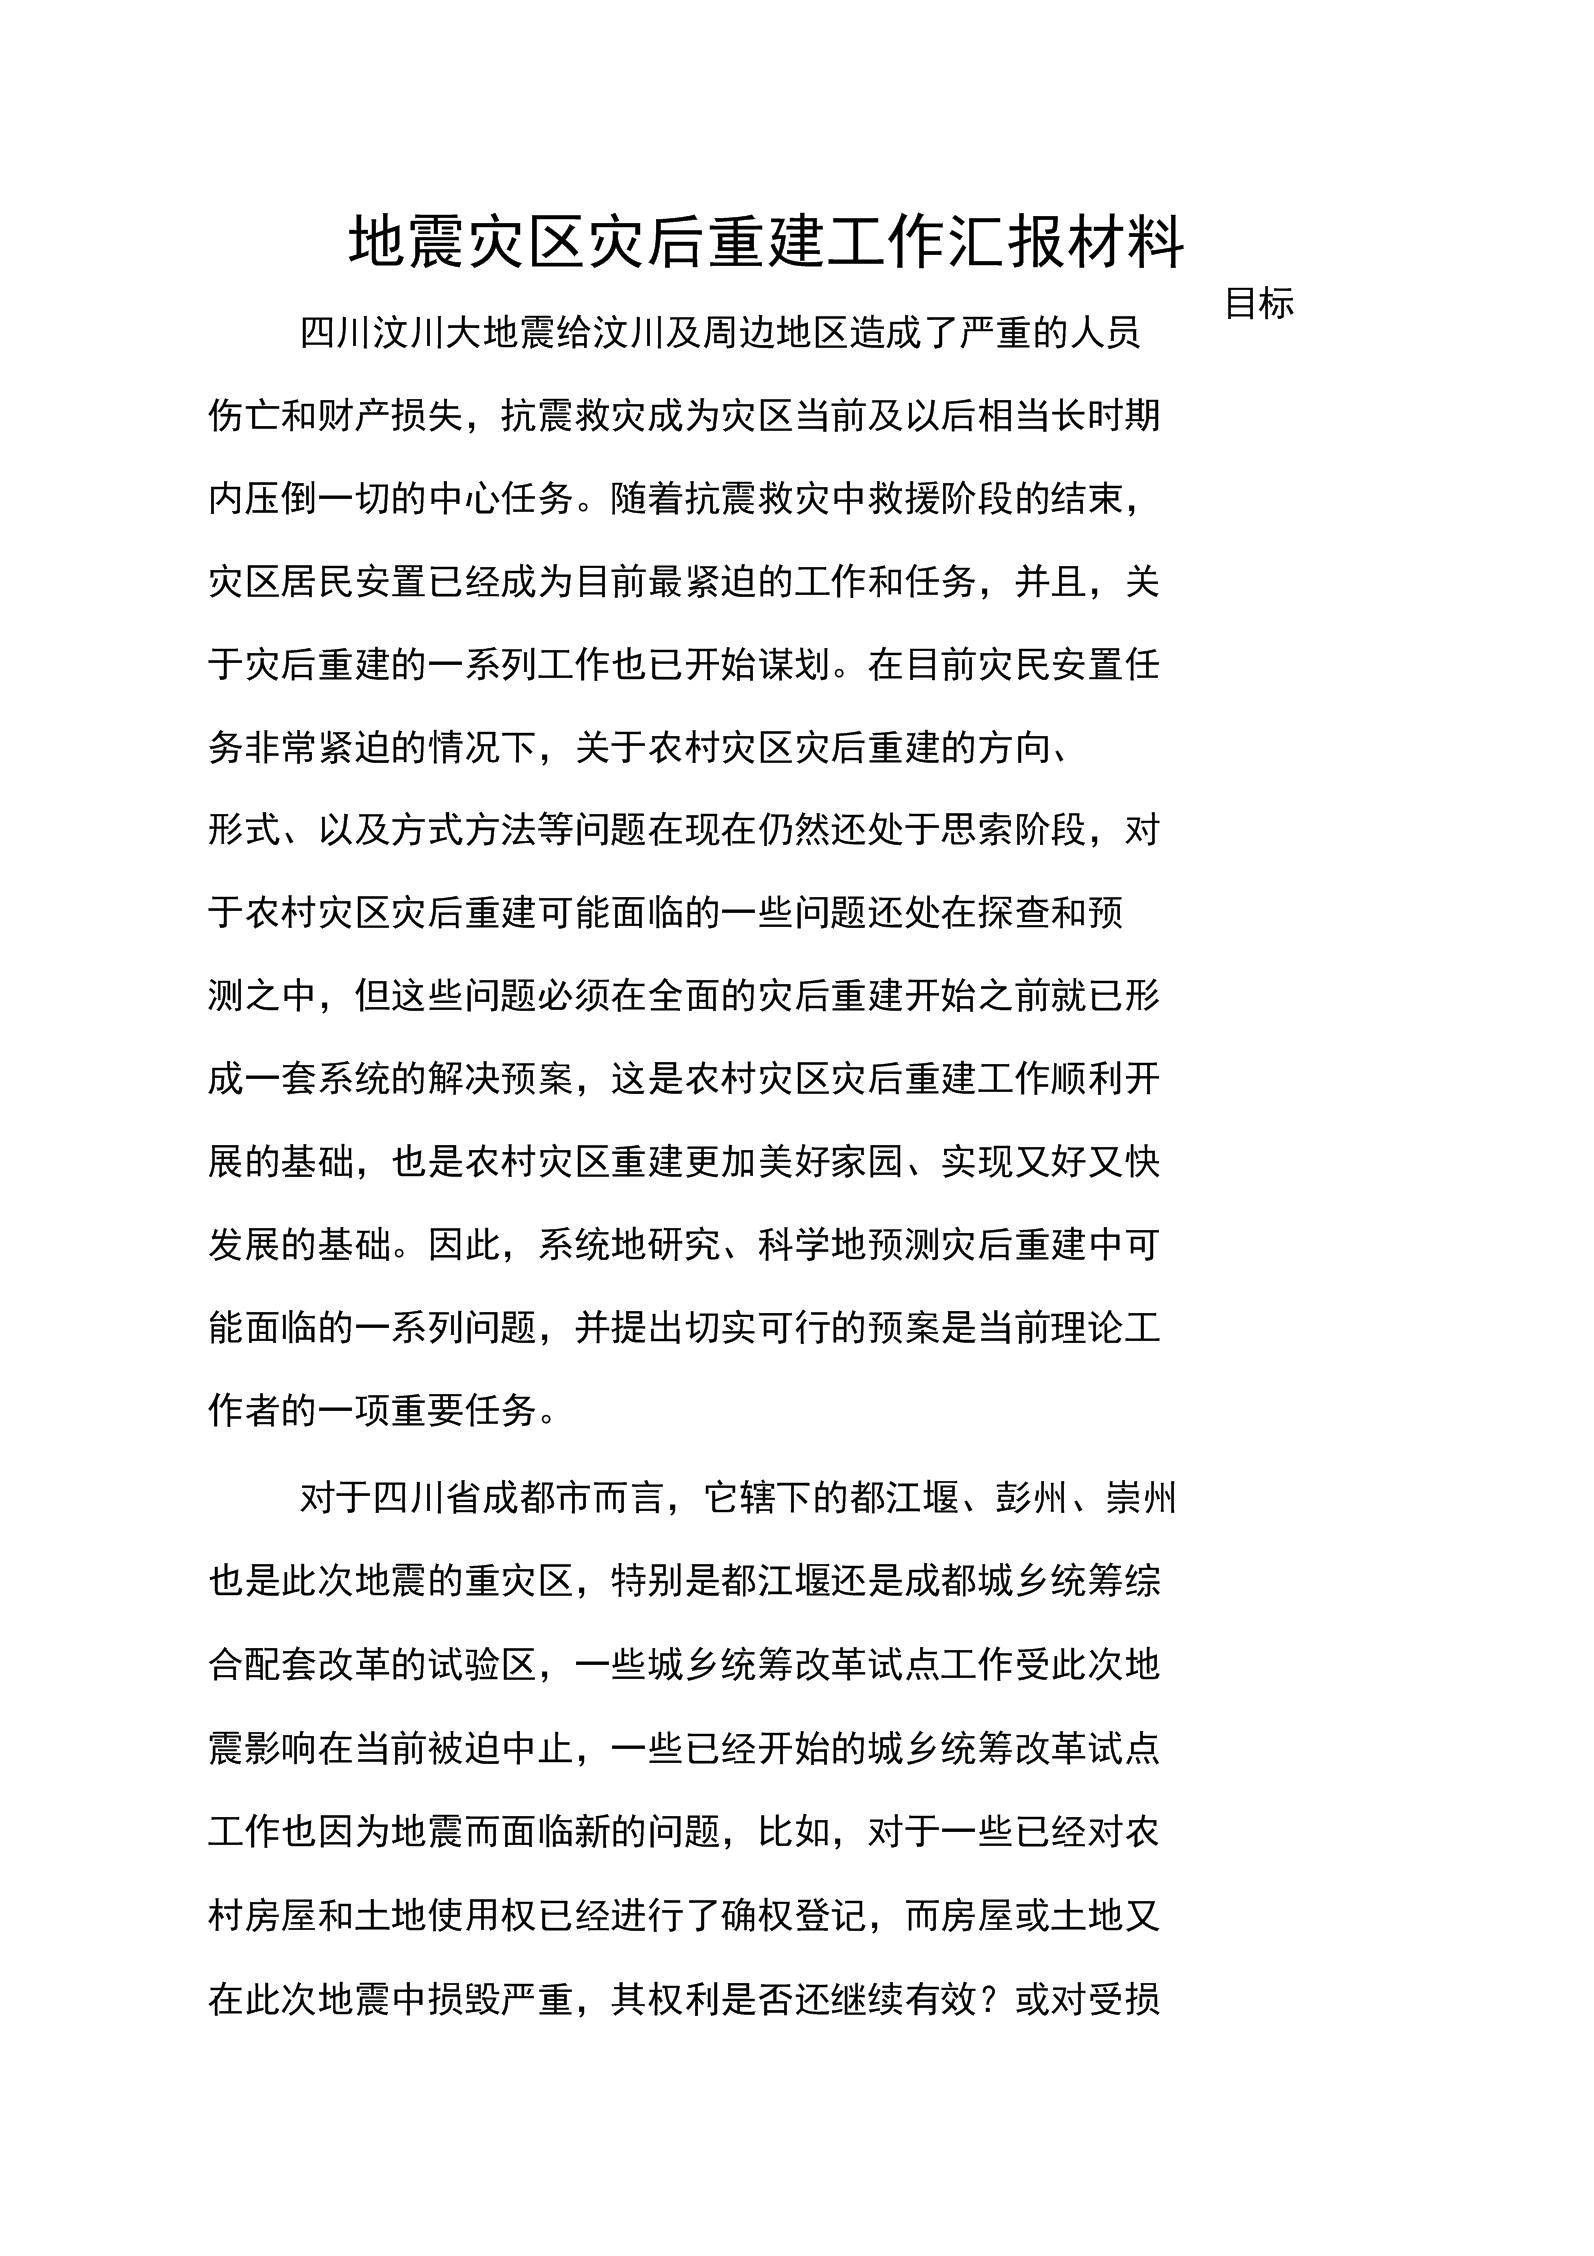 地震灾区灾后重建工作汇报材料0001.docx